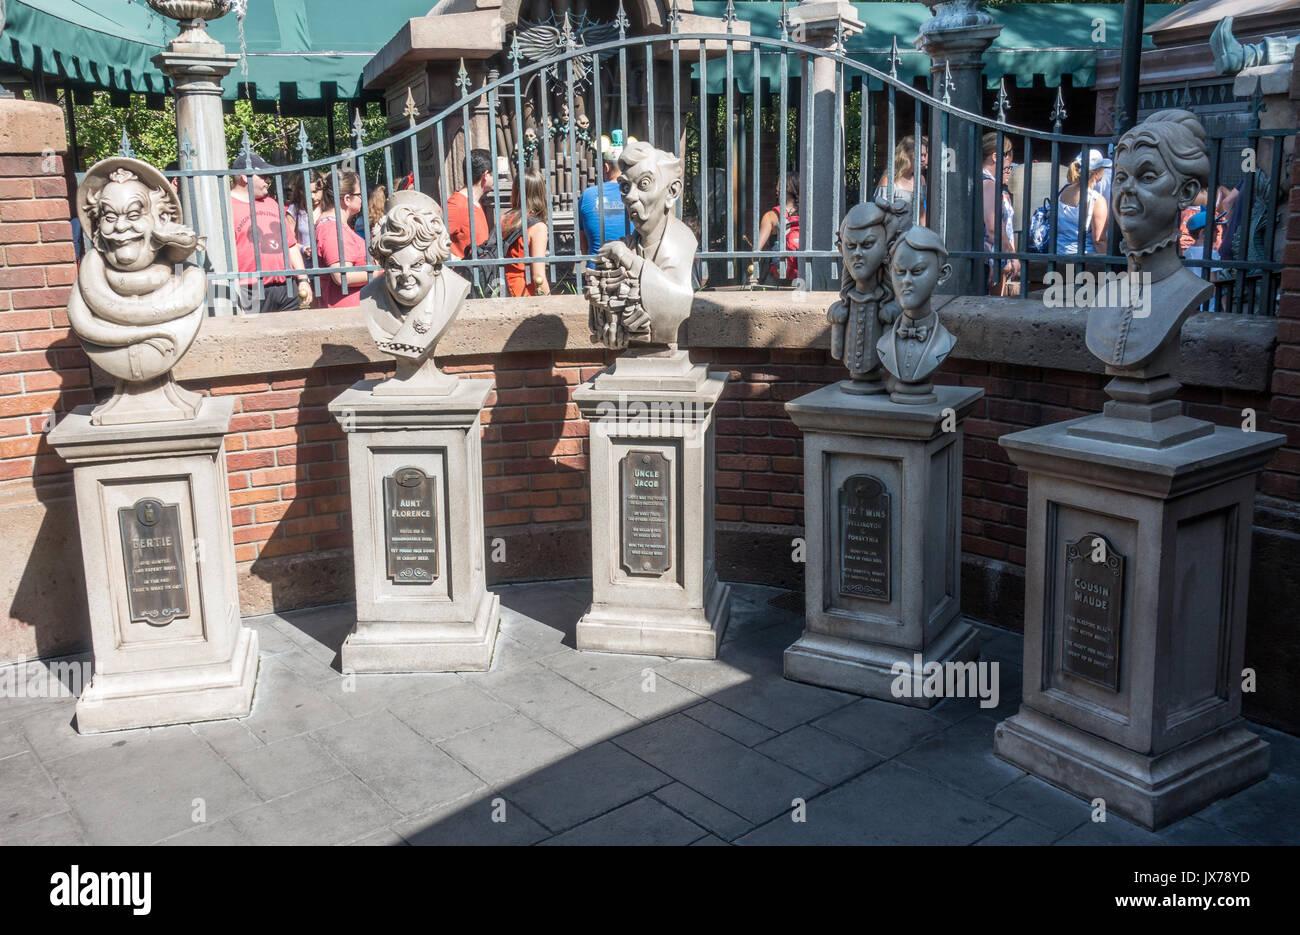 Il terrore di famiglia busti in coda per la Haunted Mansion nel Magic Kingdom, Walt Disney World, a Orlando, Florida. Immagini Stock